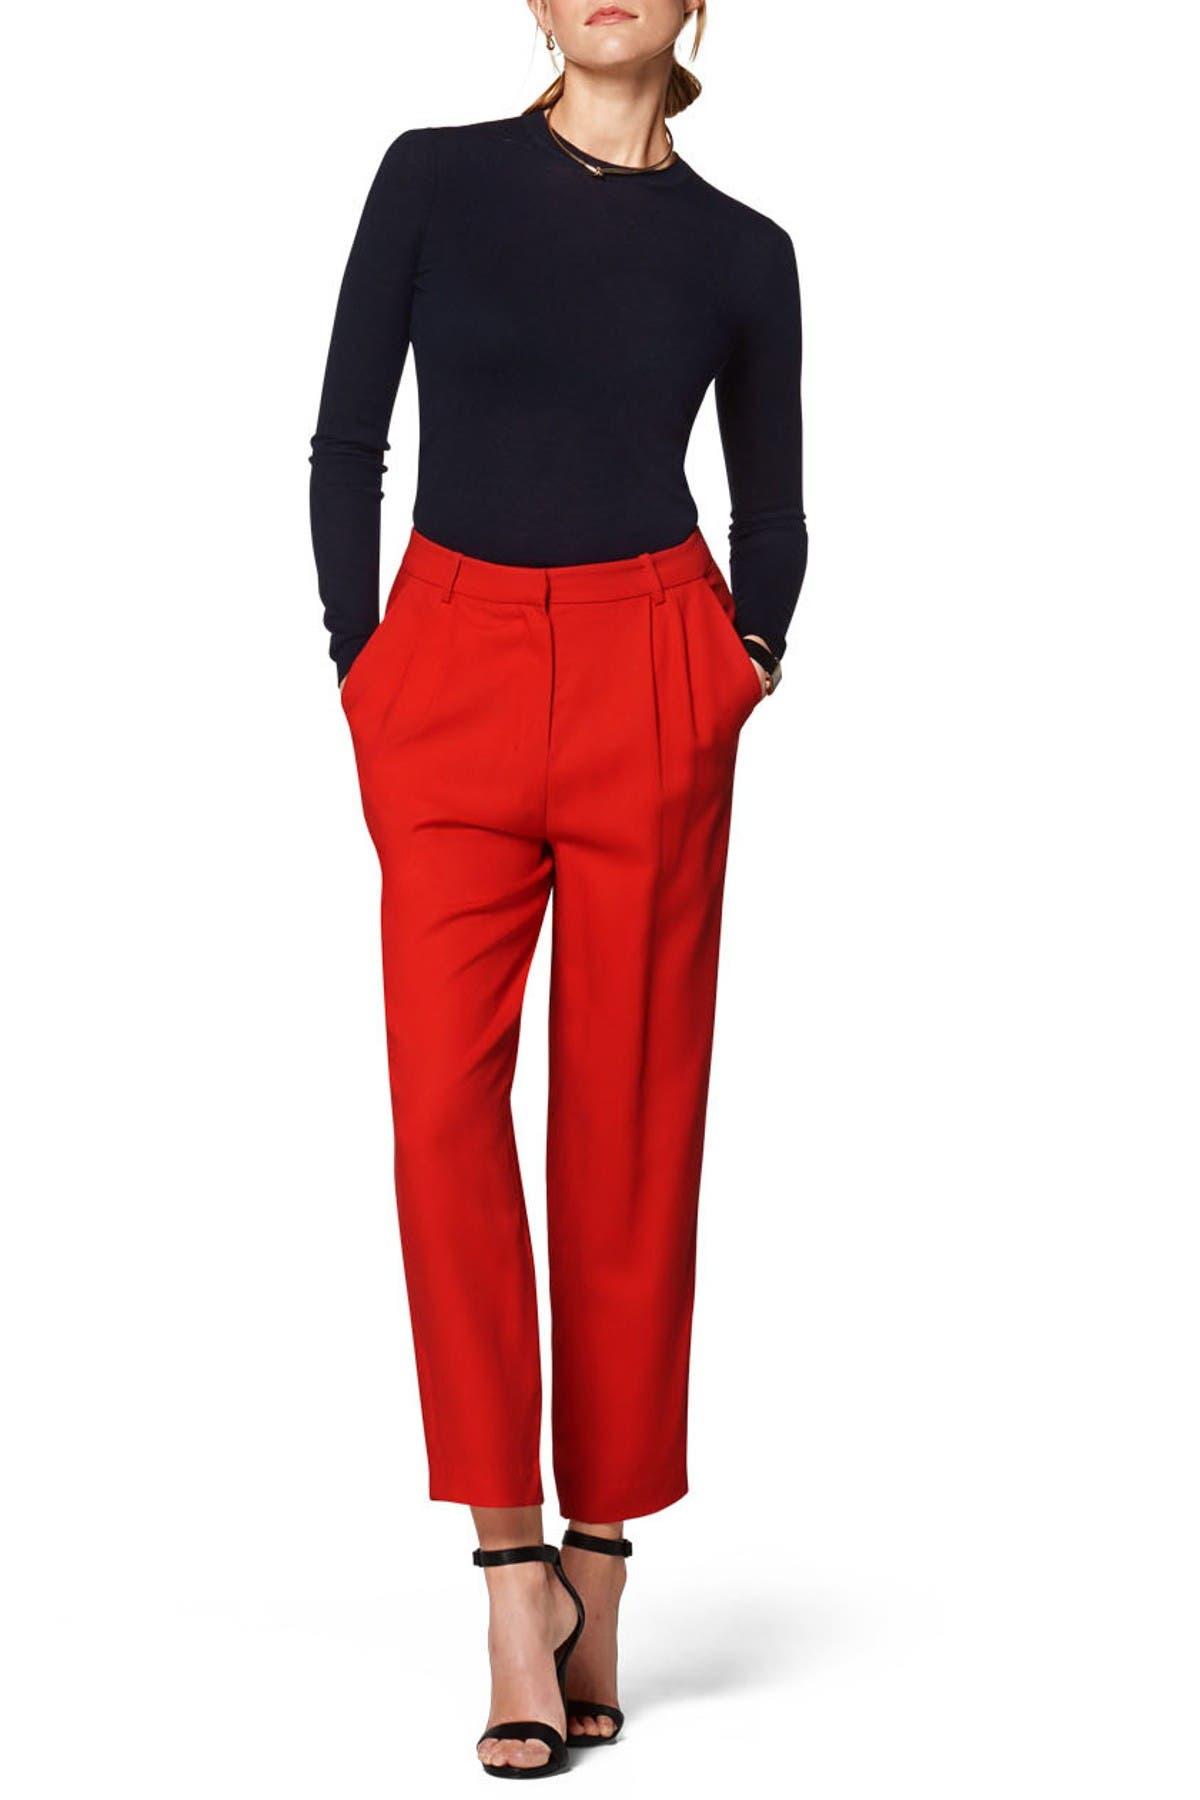 Image of SUISTUDIO Dan Red High Rise Trousers